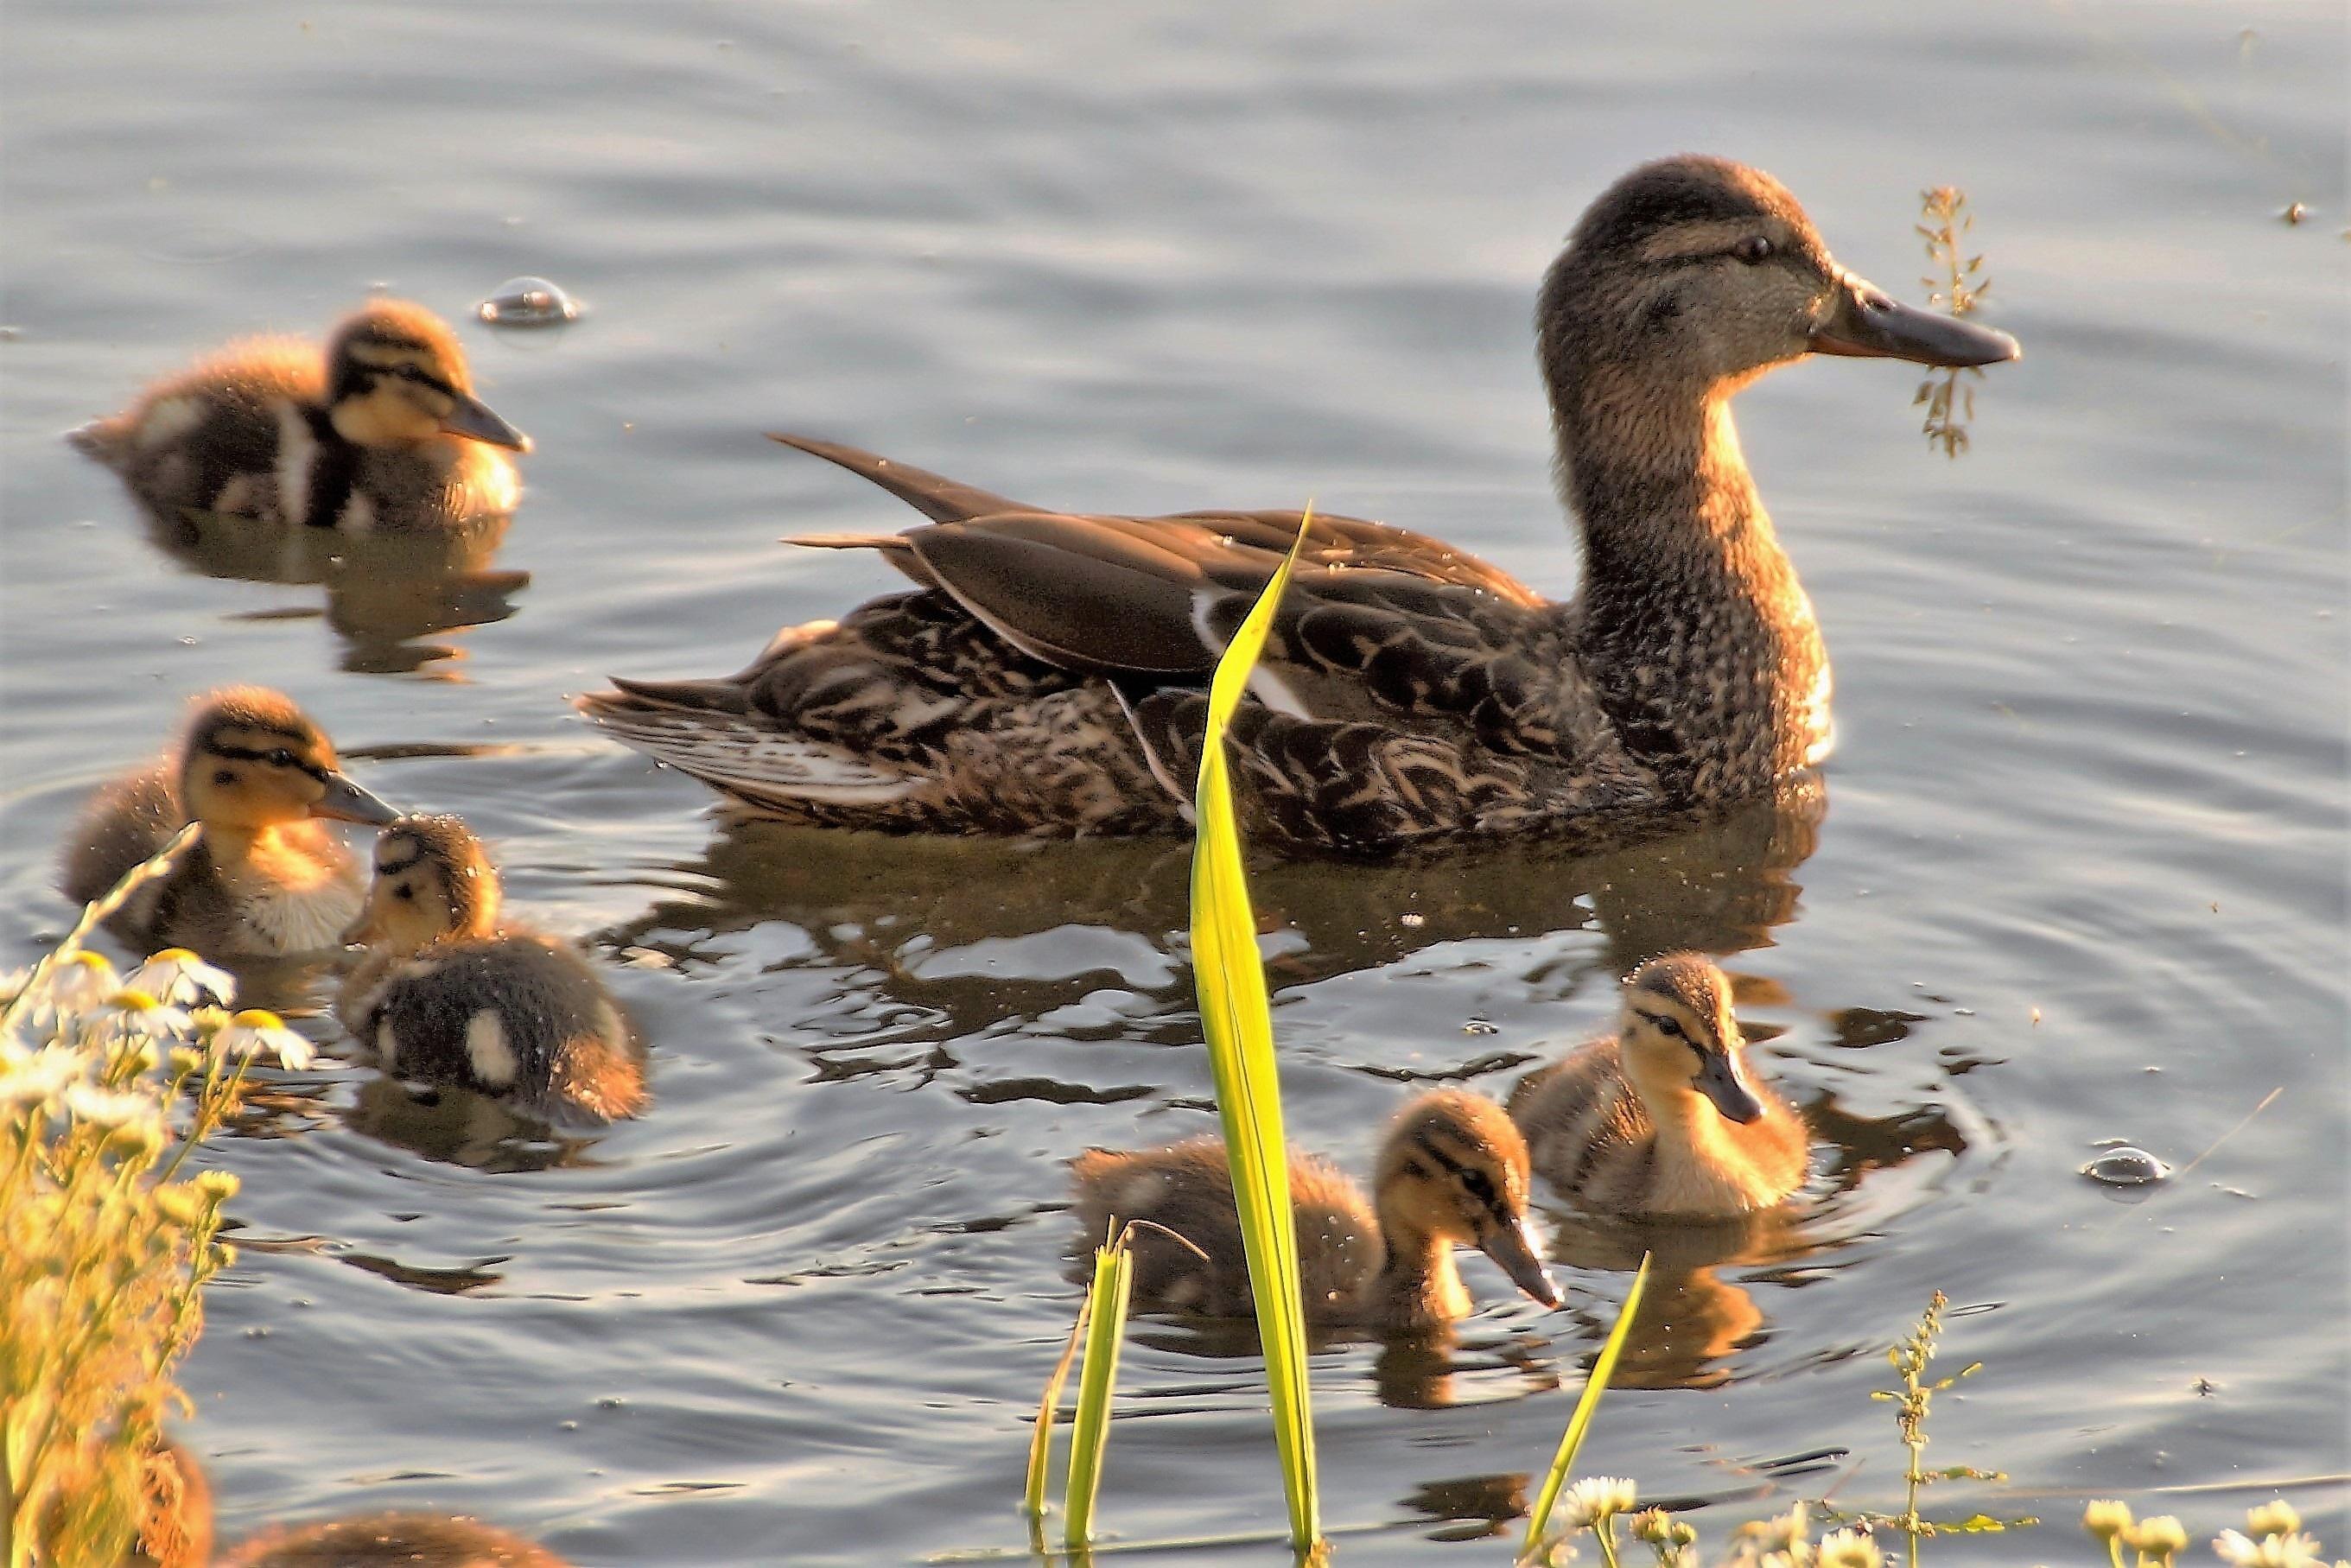 клиента, фото водоплавающих птиц с названием кекс, можно заменить